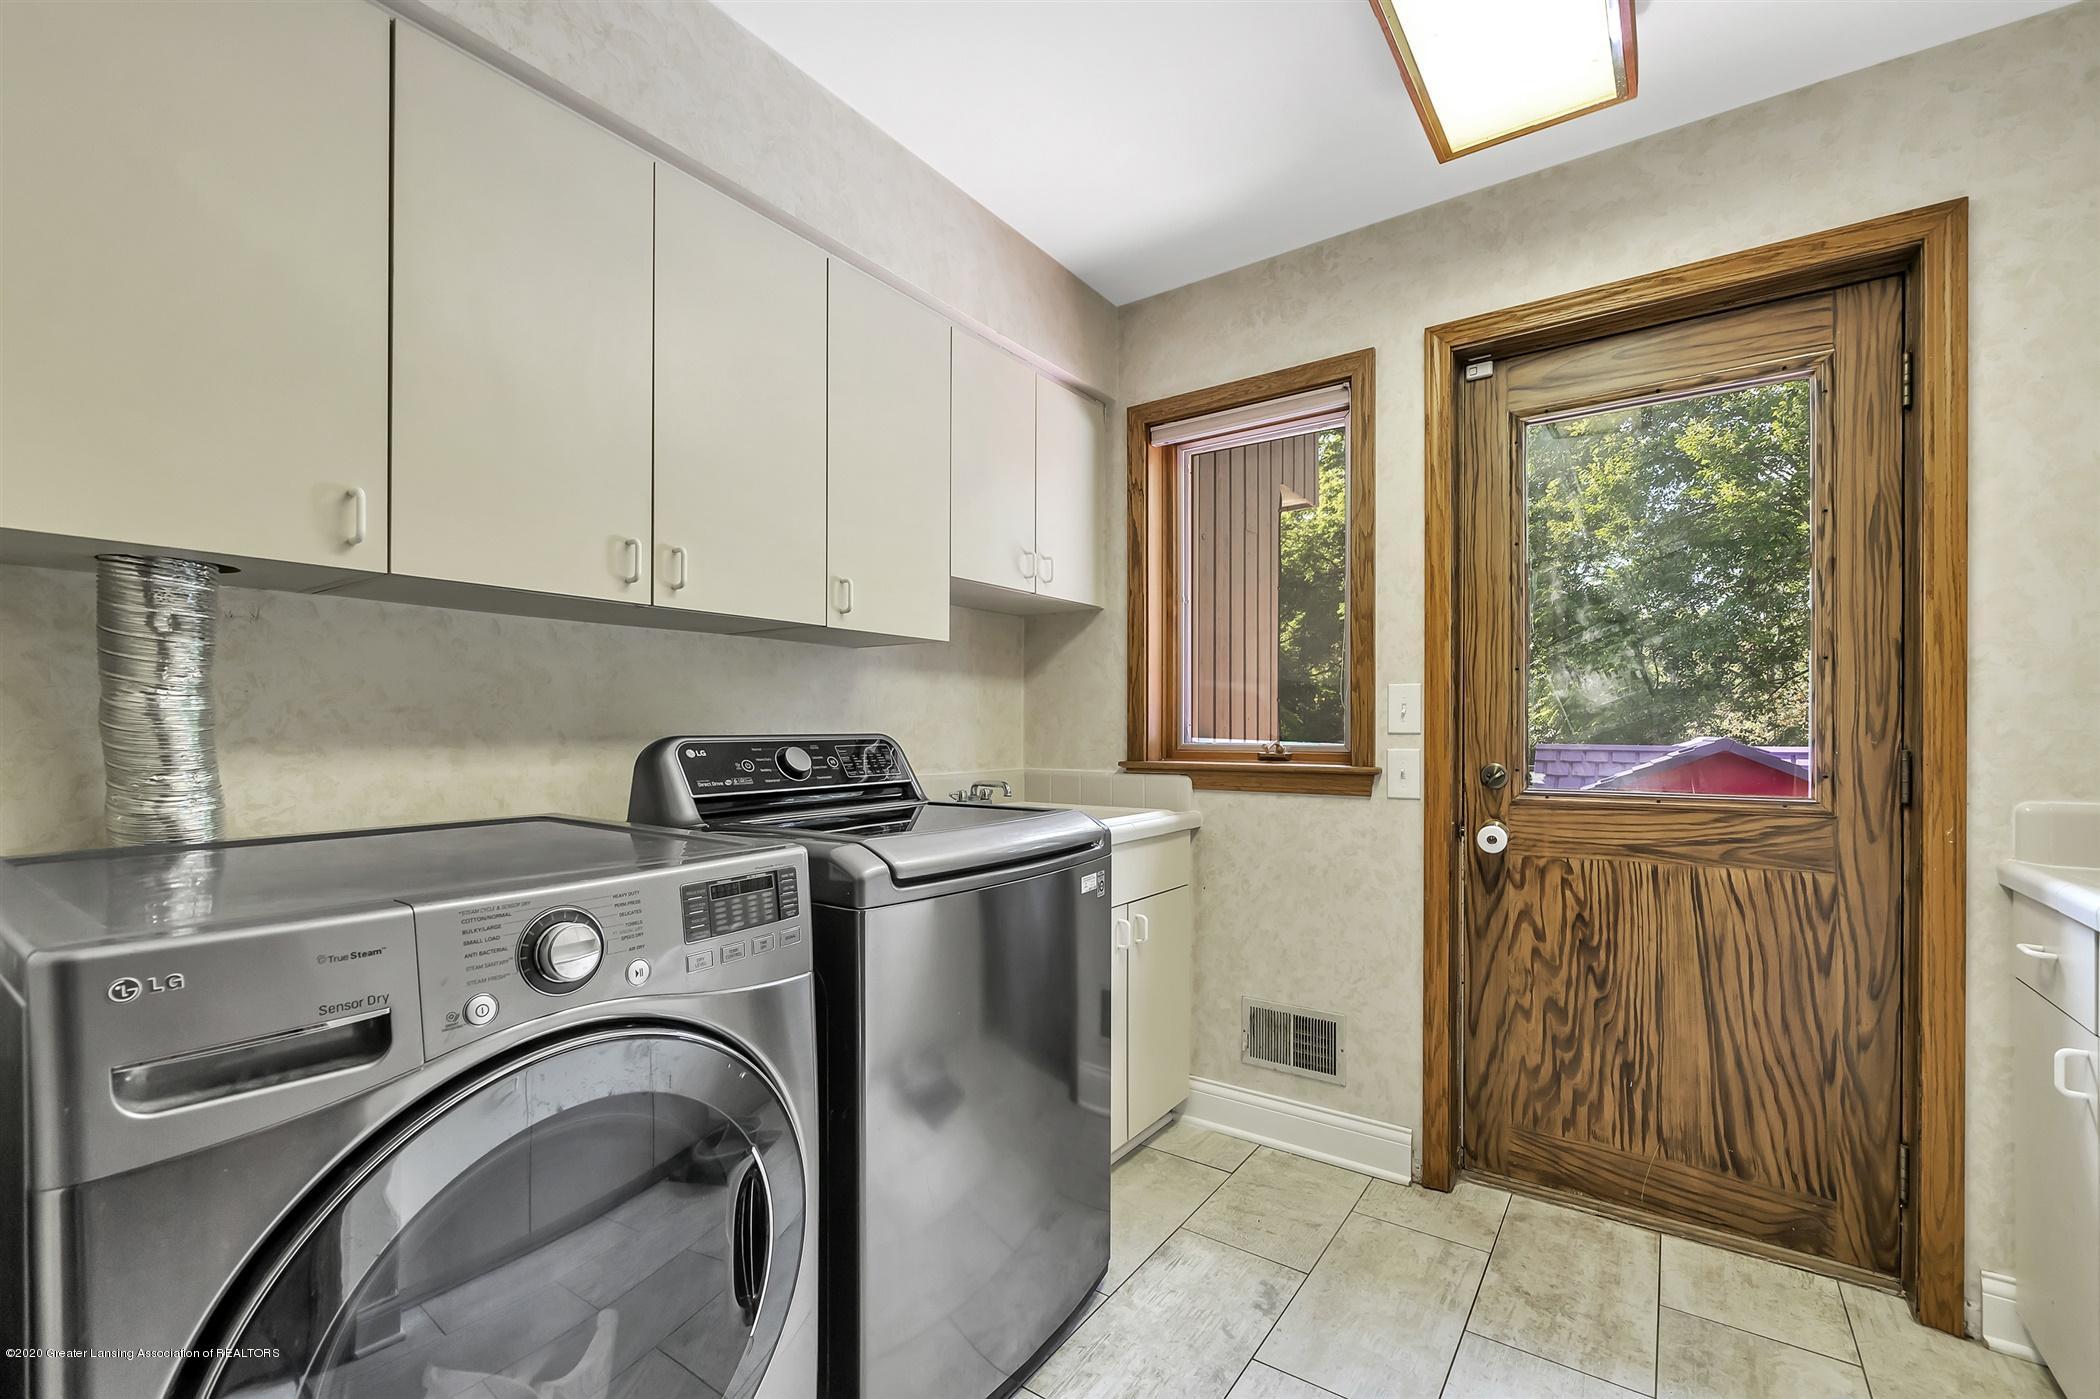 2275 Bravender Rd - MAIN FLOOR Laundry Room - 37